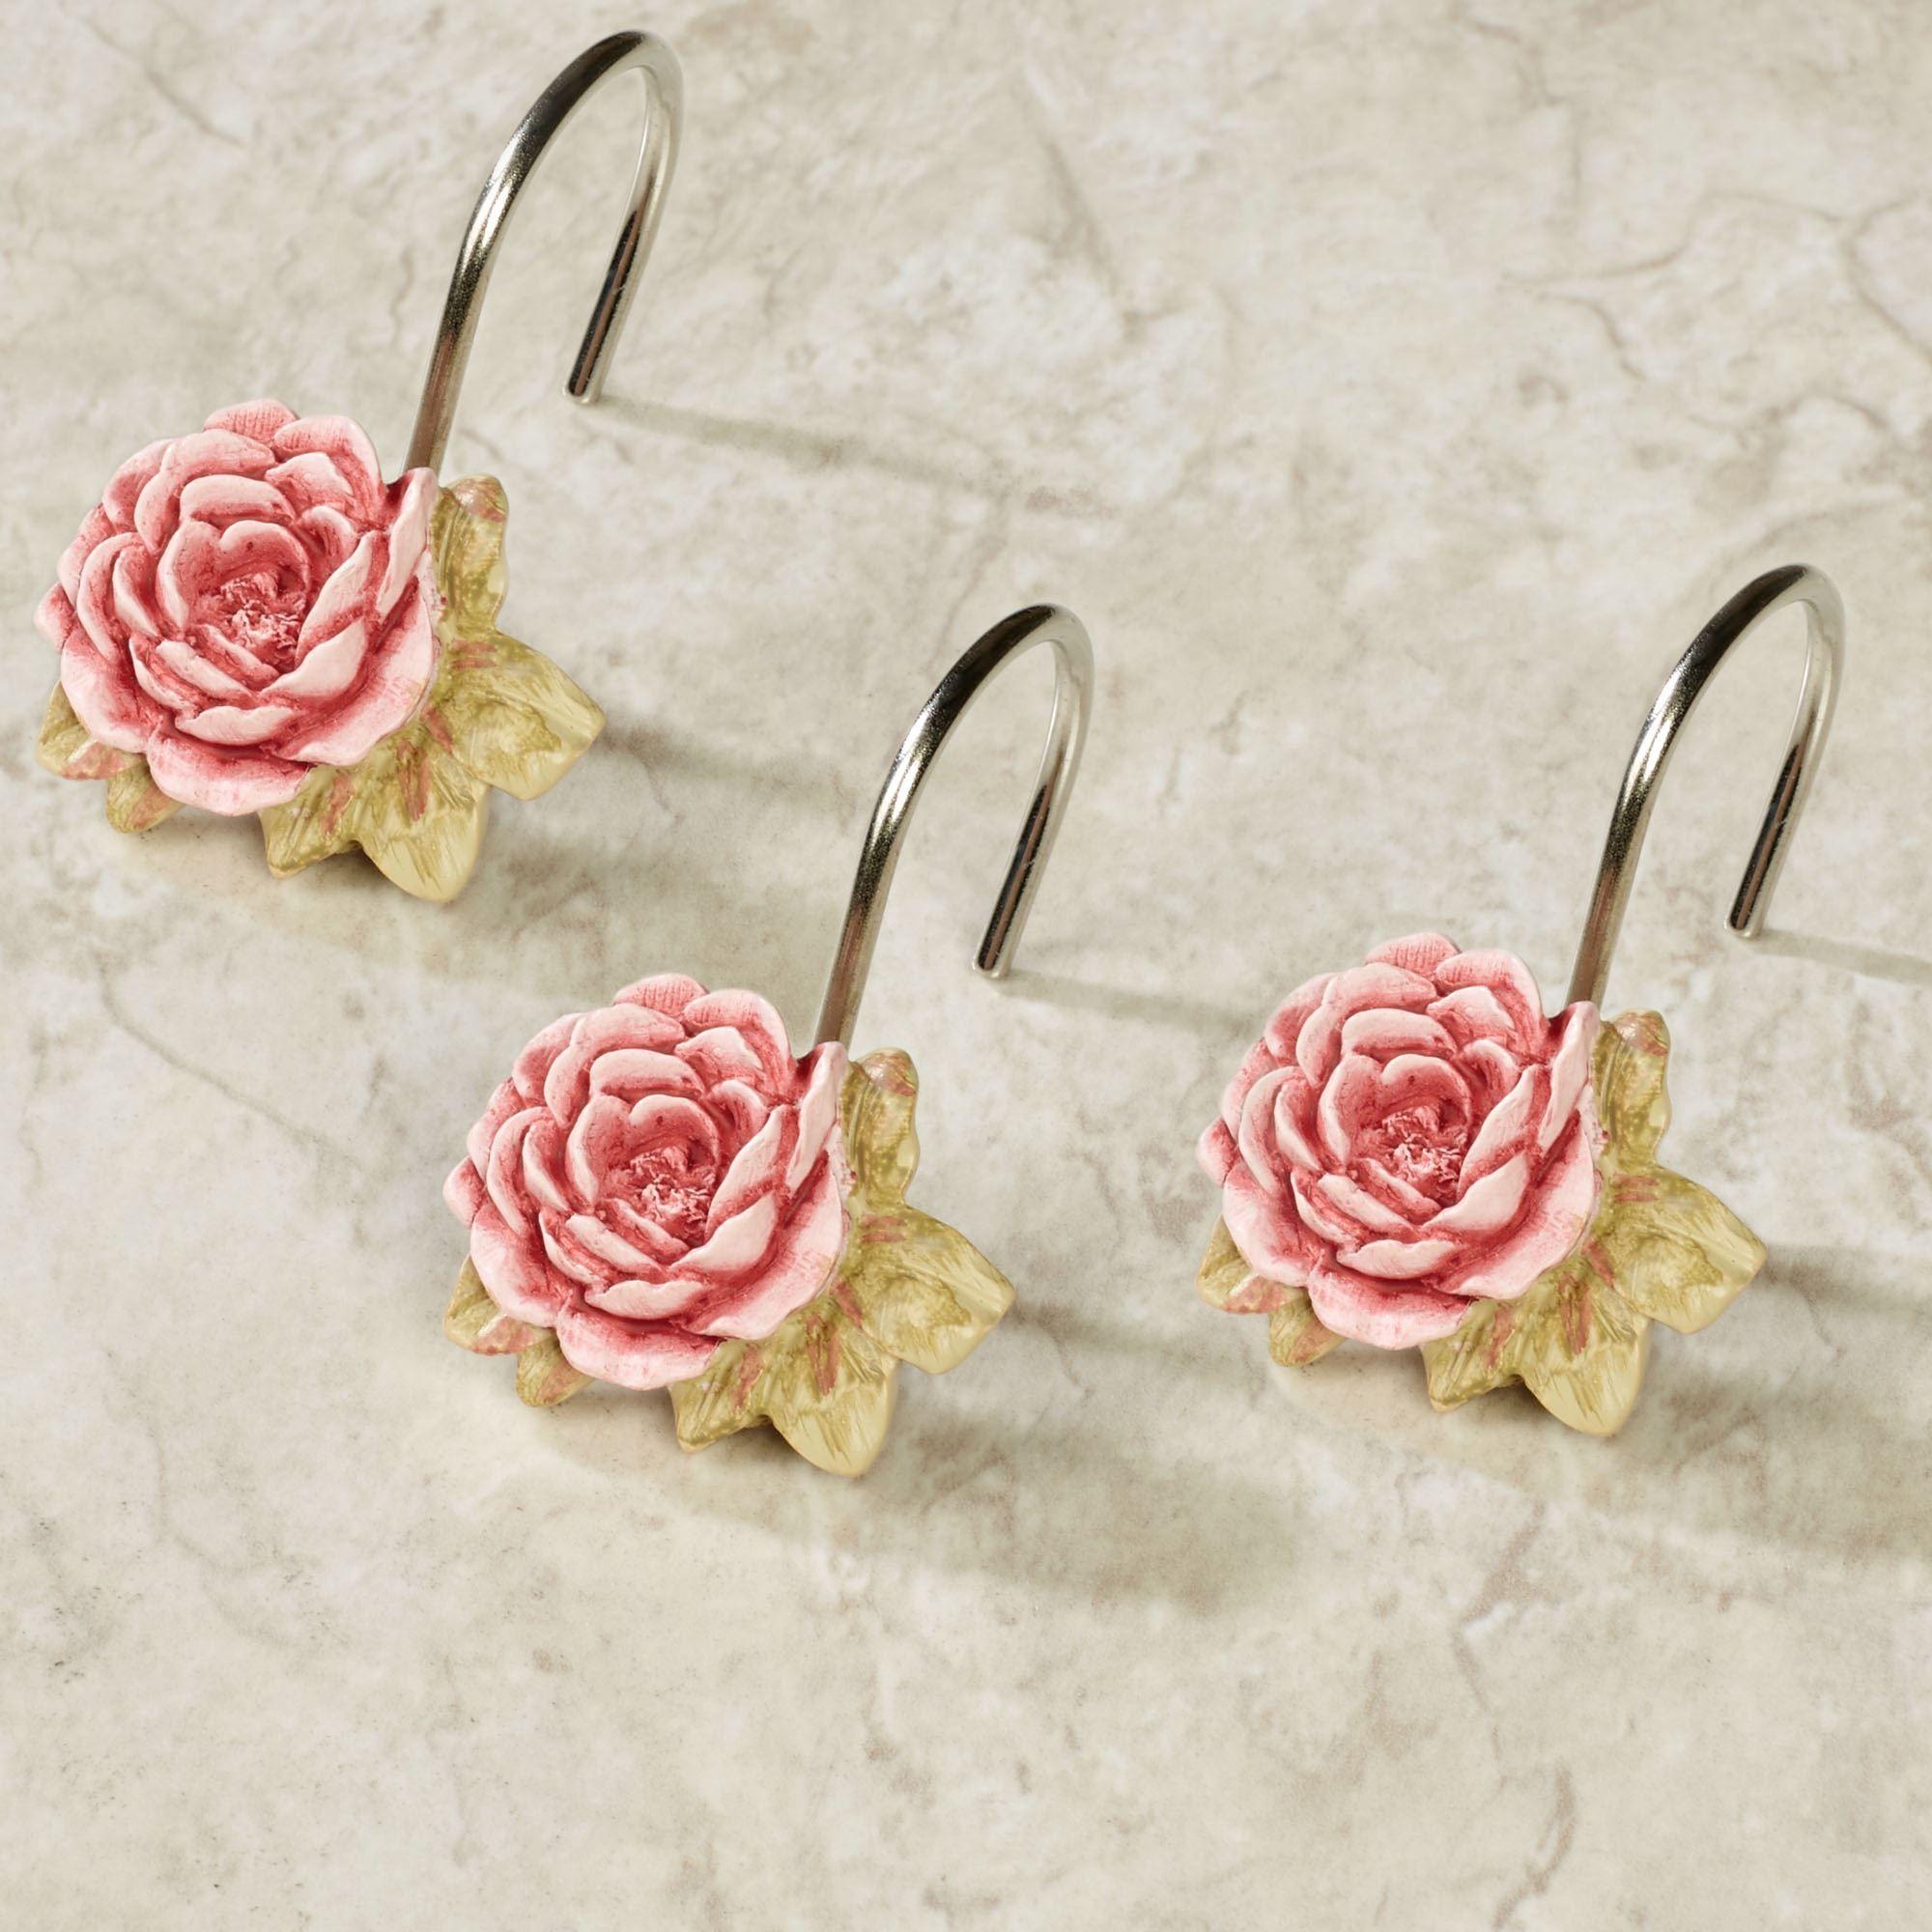 spring rose shower hook set